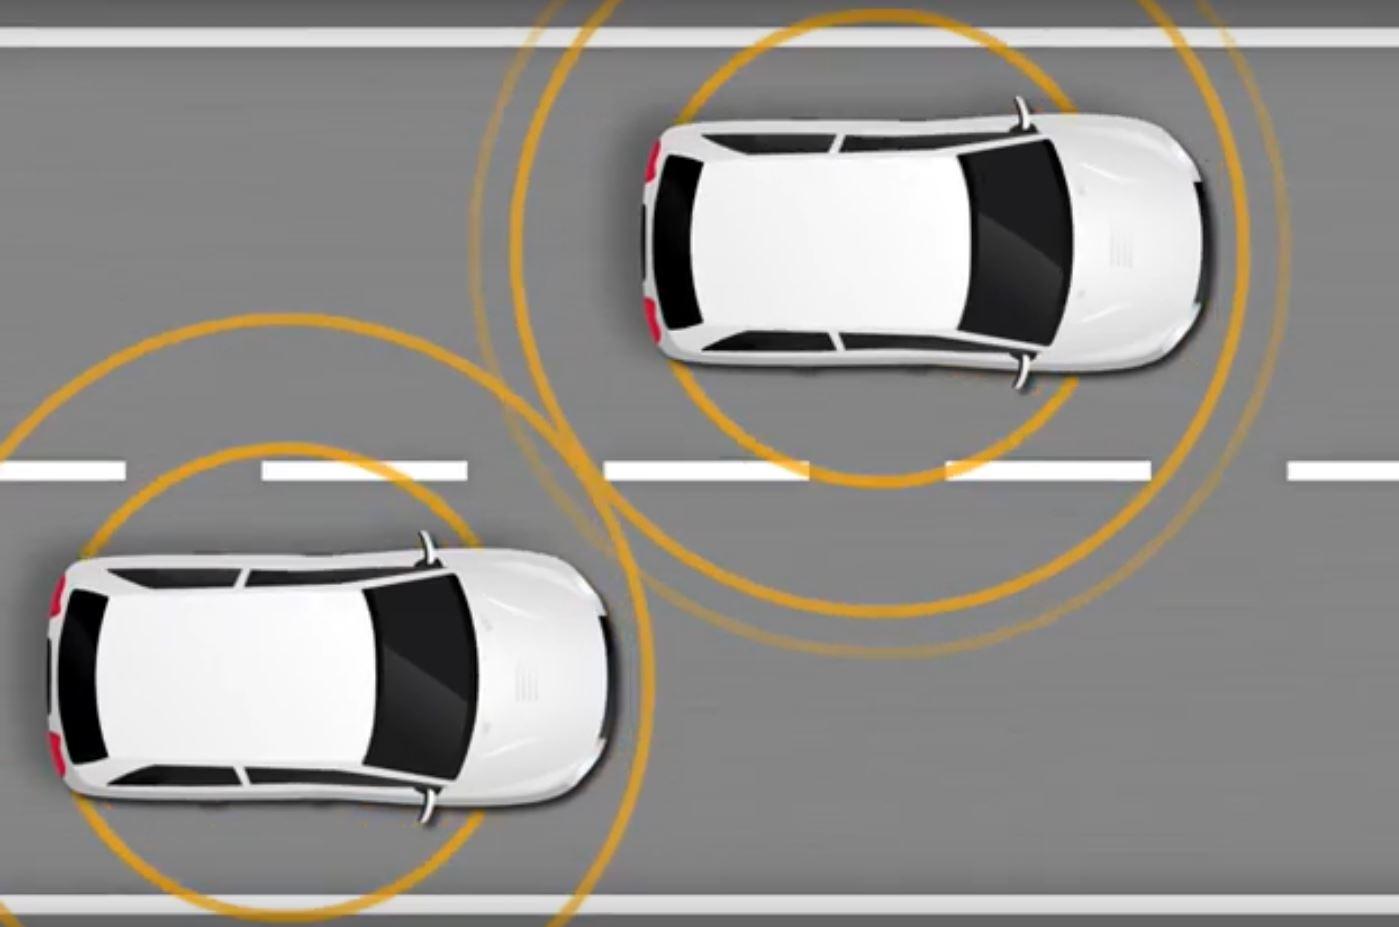 Беспилотные автомобили обмениваются данными друг с другом для избежания столкновений